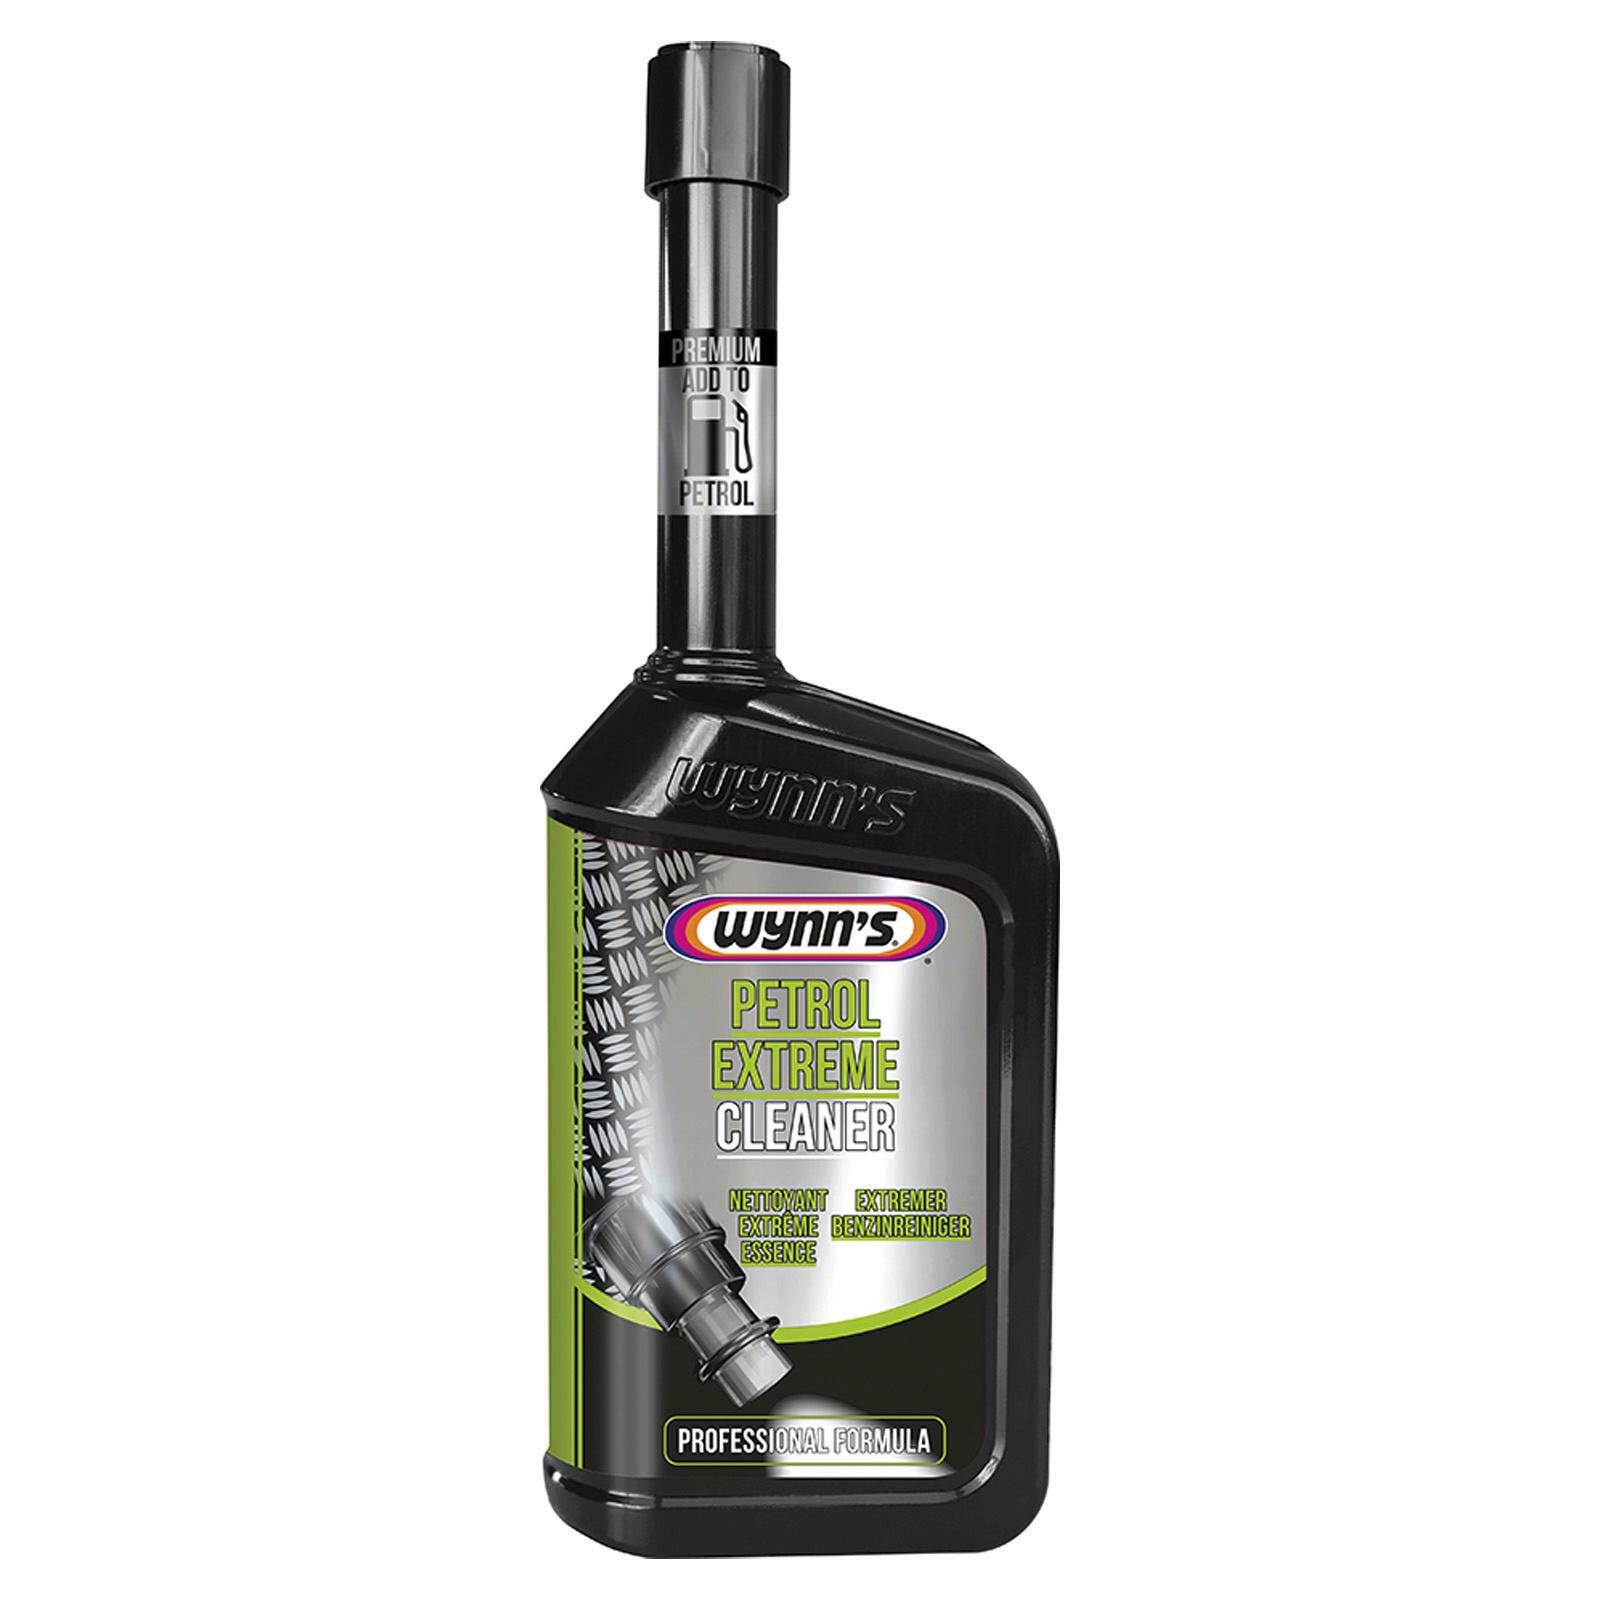 Wynns Petrol Extreme Cleaner 500ml